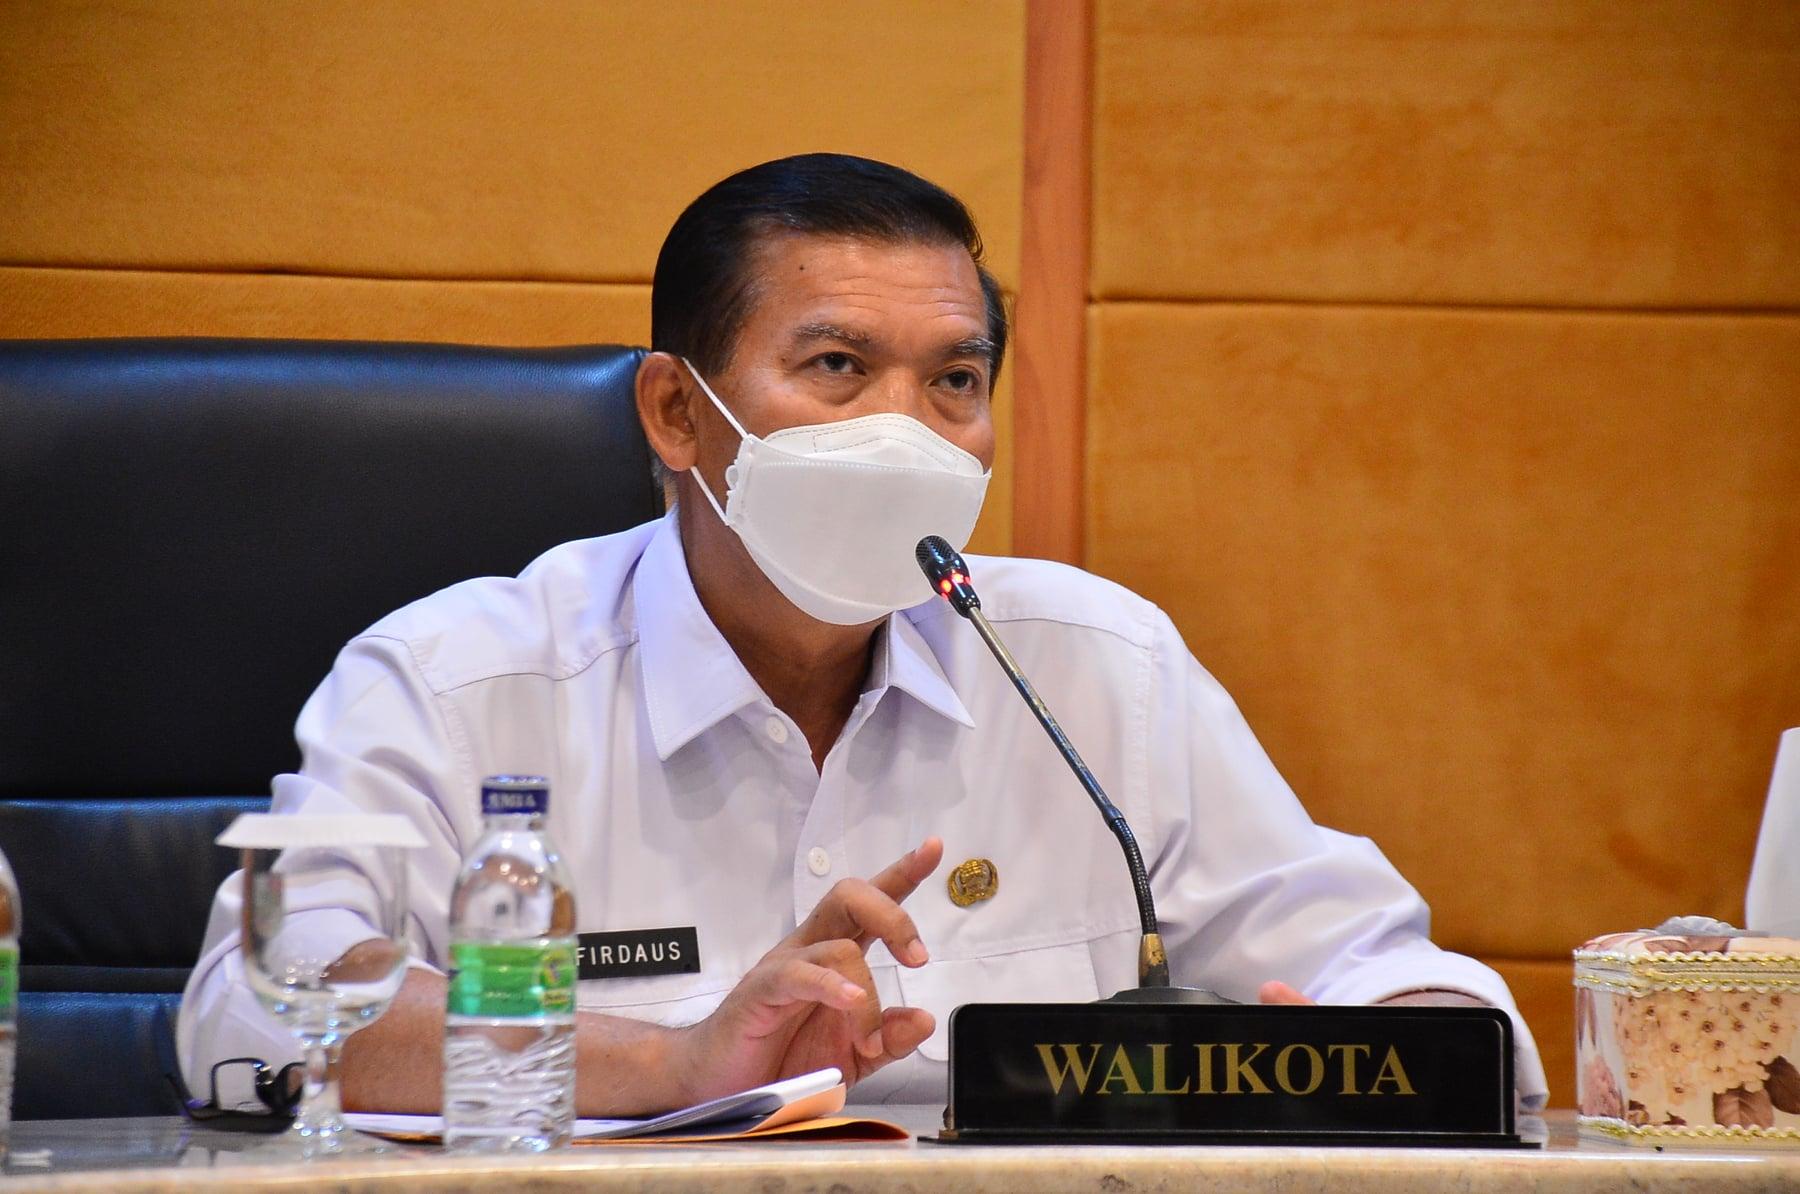 Wali Kota Tegaskan Pemerintah Fokus Pelayanan Kesehatan dan Penanganan Covid-19